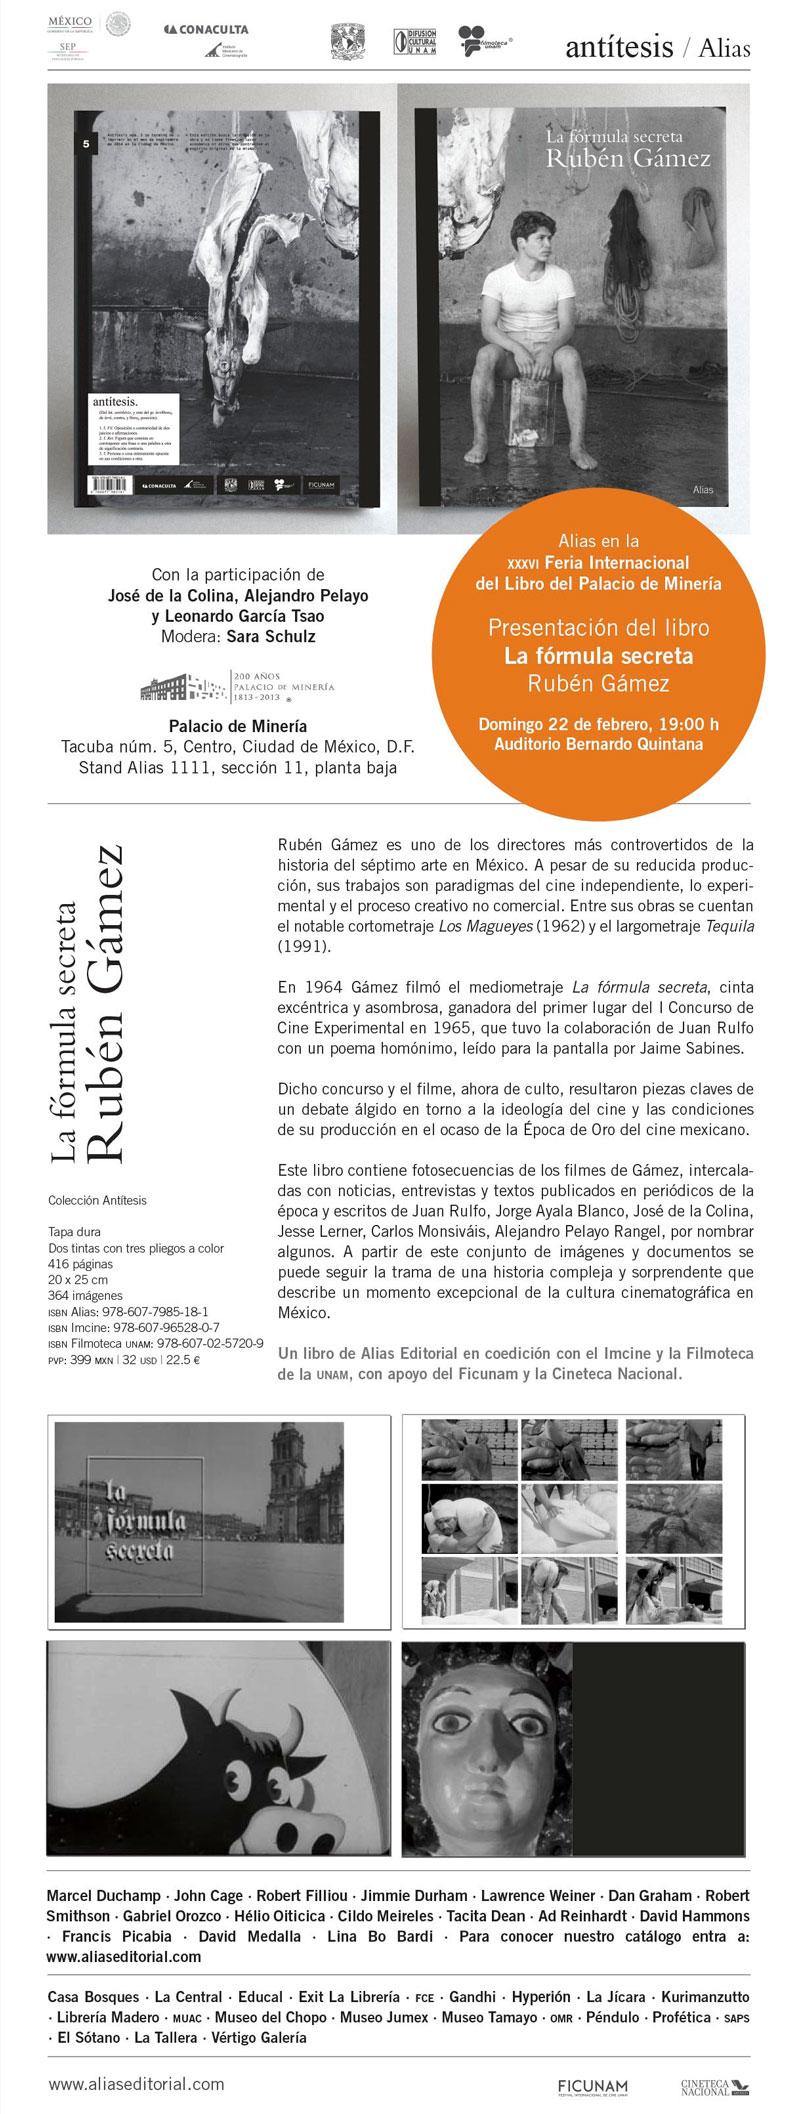 """Presentación del libro """"La fórmula secreta. Rubén Gámez"""" en la XXXVI Feria Internacional del Libro del Palacio de Minería"""